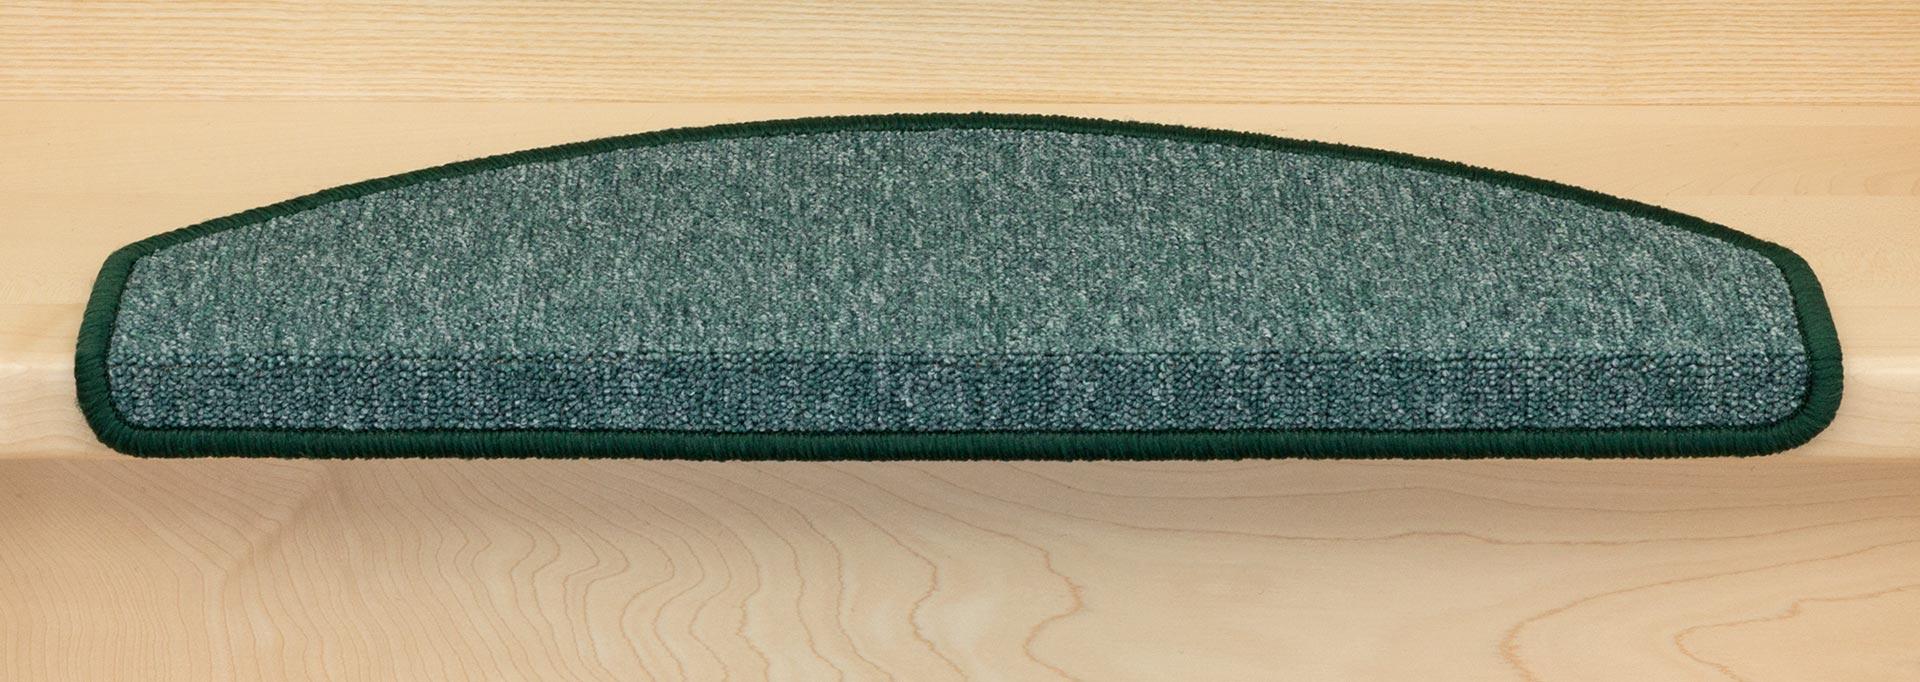 Stufenmatten-Rambo-New-versch-Farb-u-Set-Varianten-10-30-Stk-amp-Fleckentferner Indexbild 38